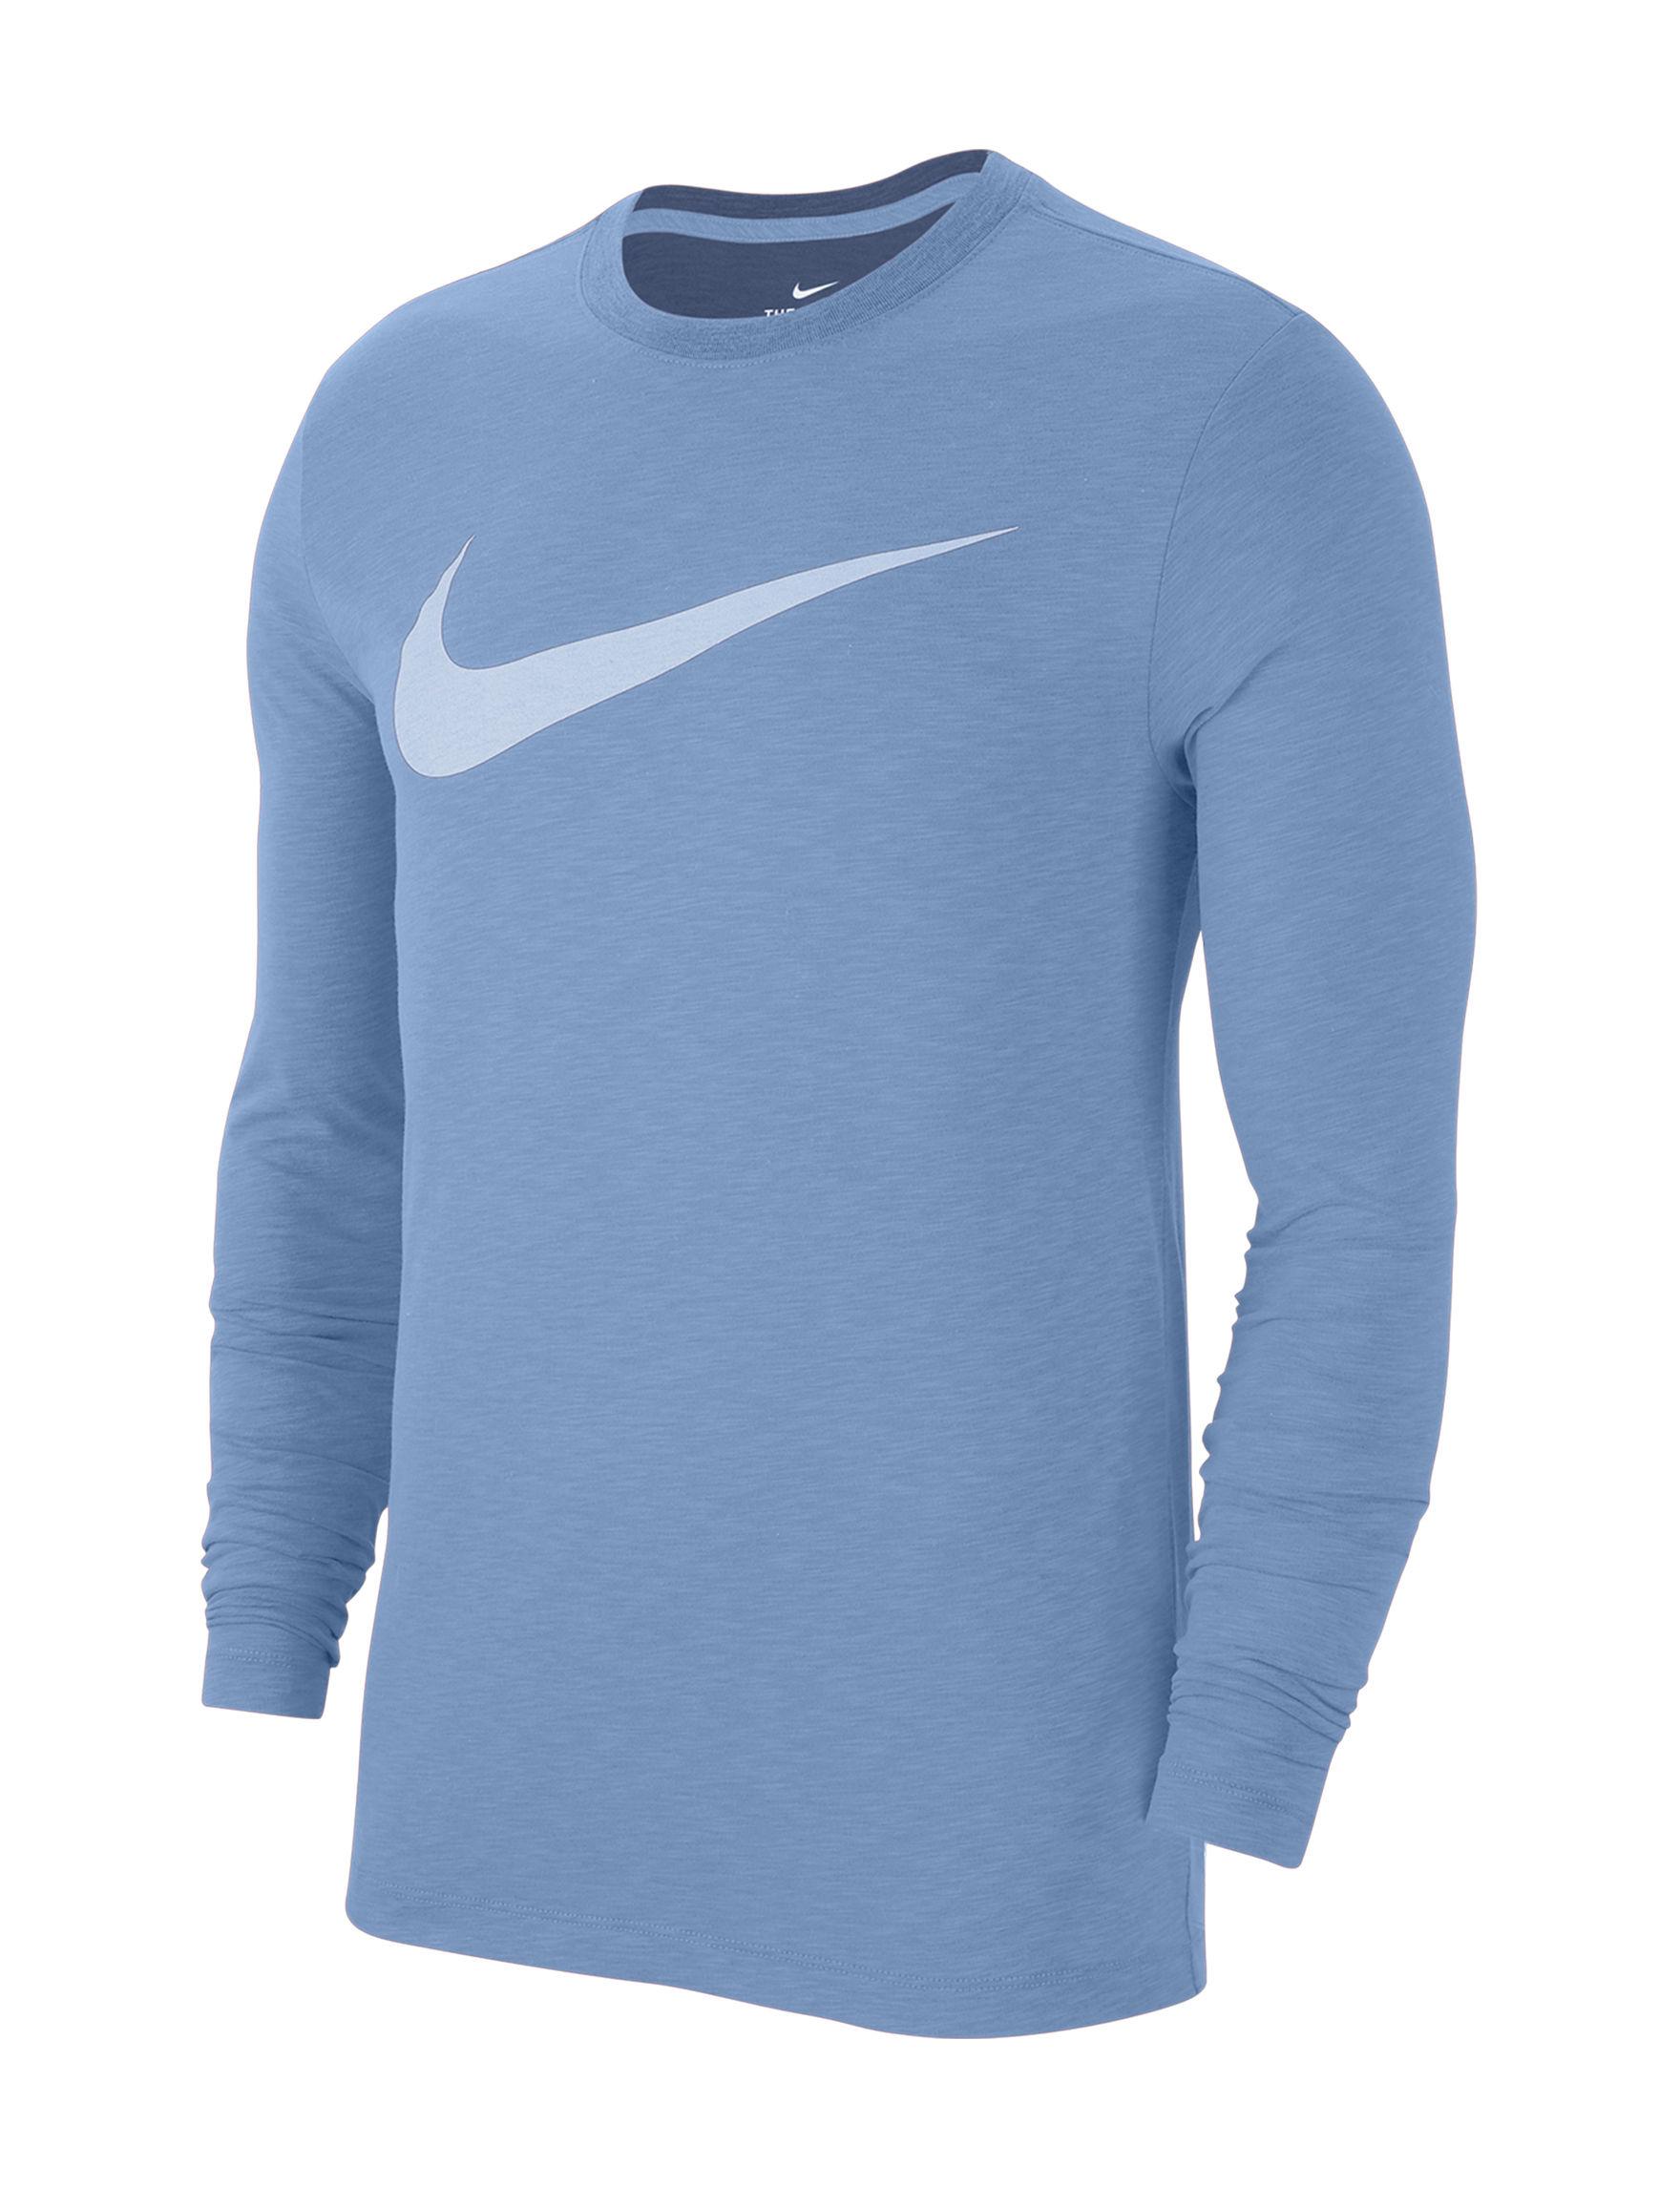 Nike Light Blue Multi Tees & Tanks